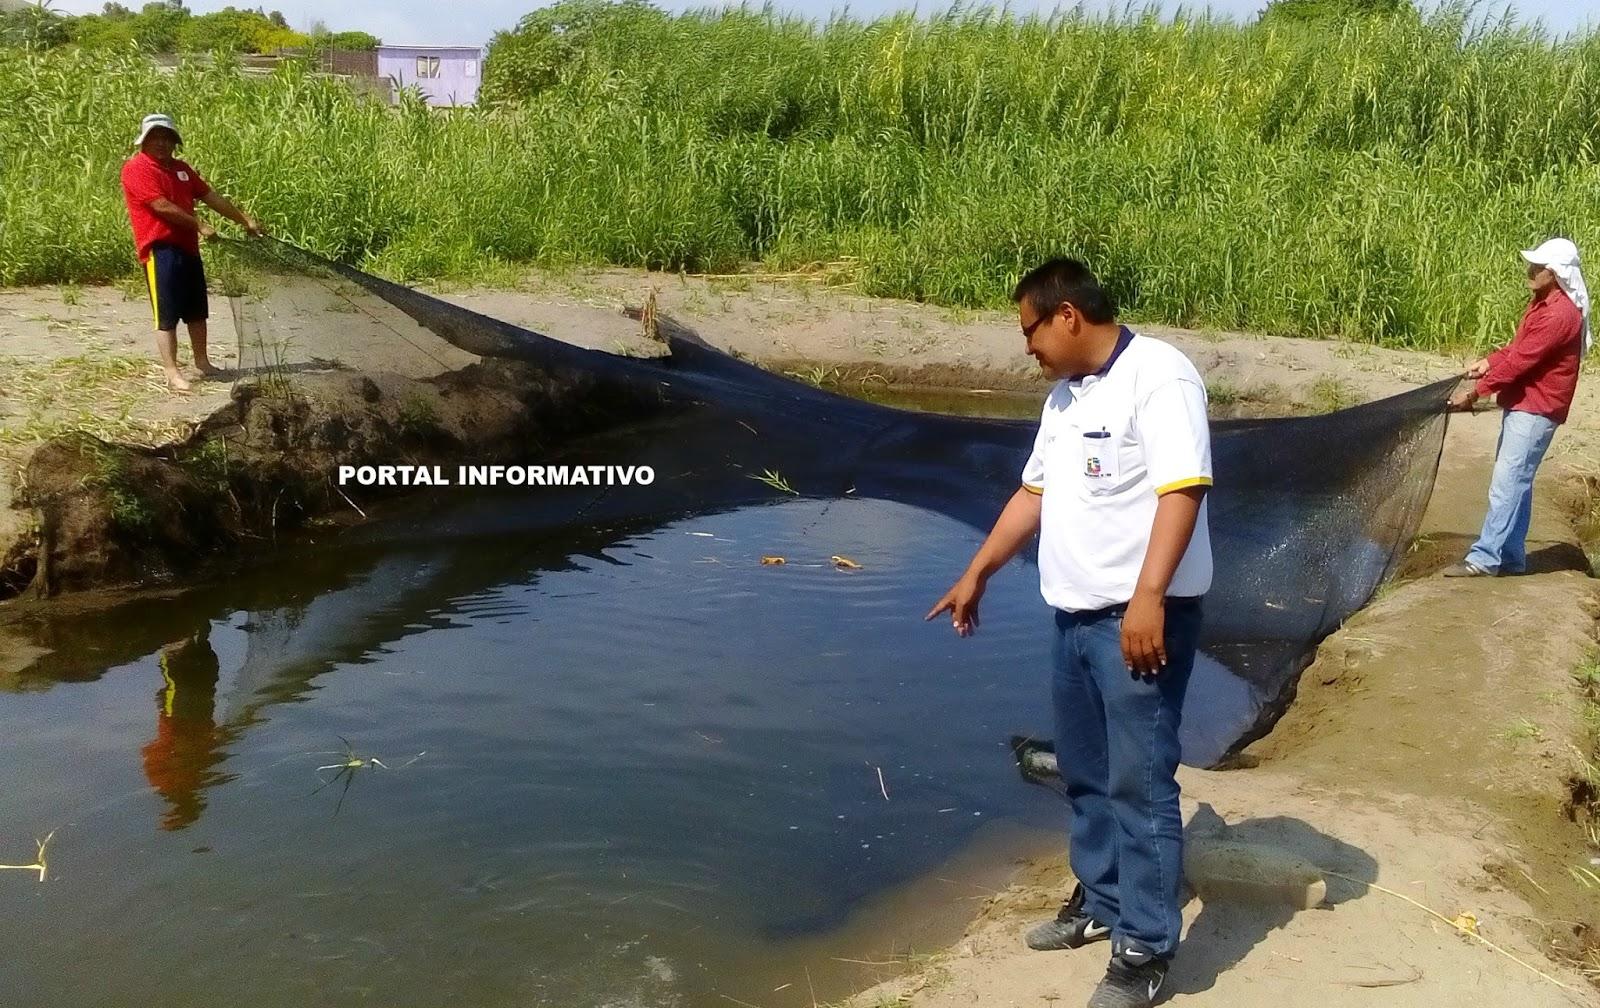 Portal informativo direpro avanza con proyecto piloto de for Criadero de peces en casa